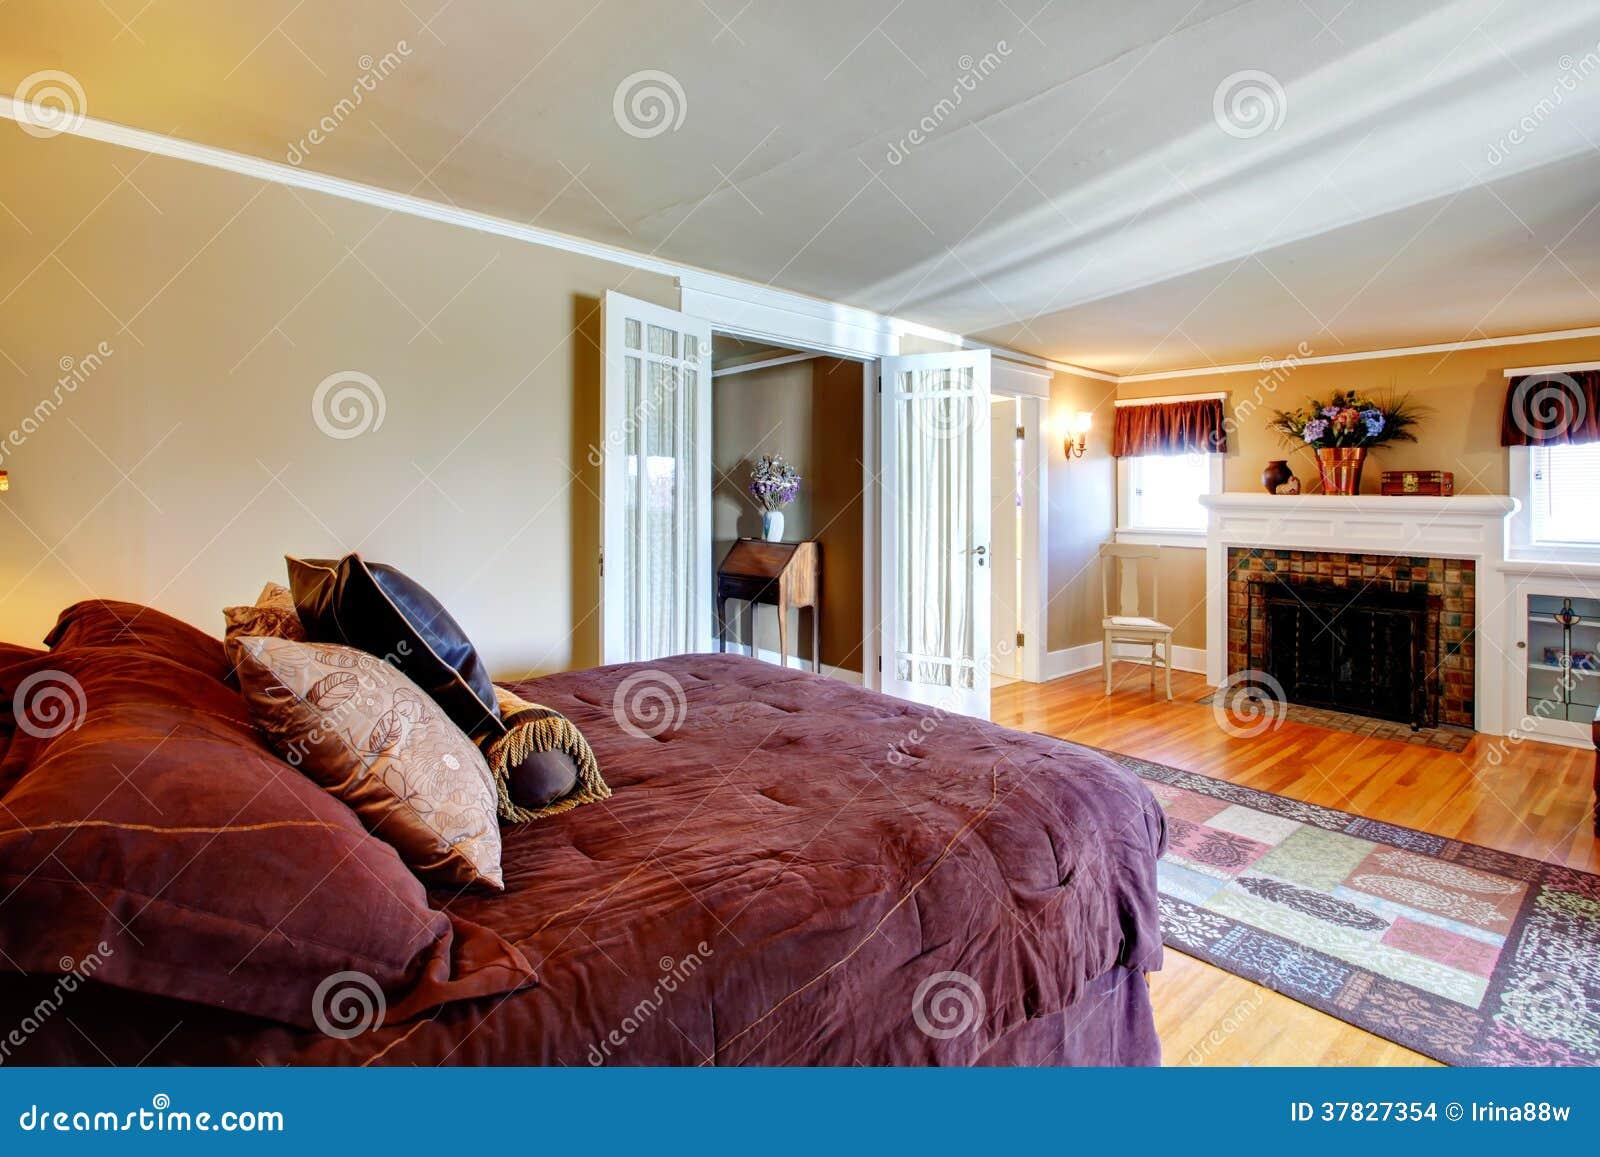 Camera da letto comoda con il camino fotografia stock - Fiori in camera da letto ...